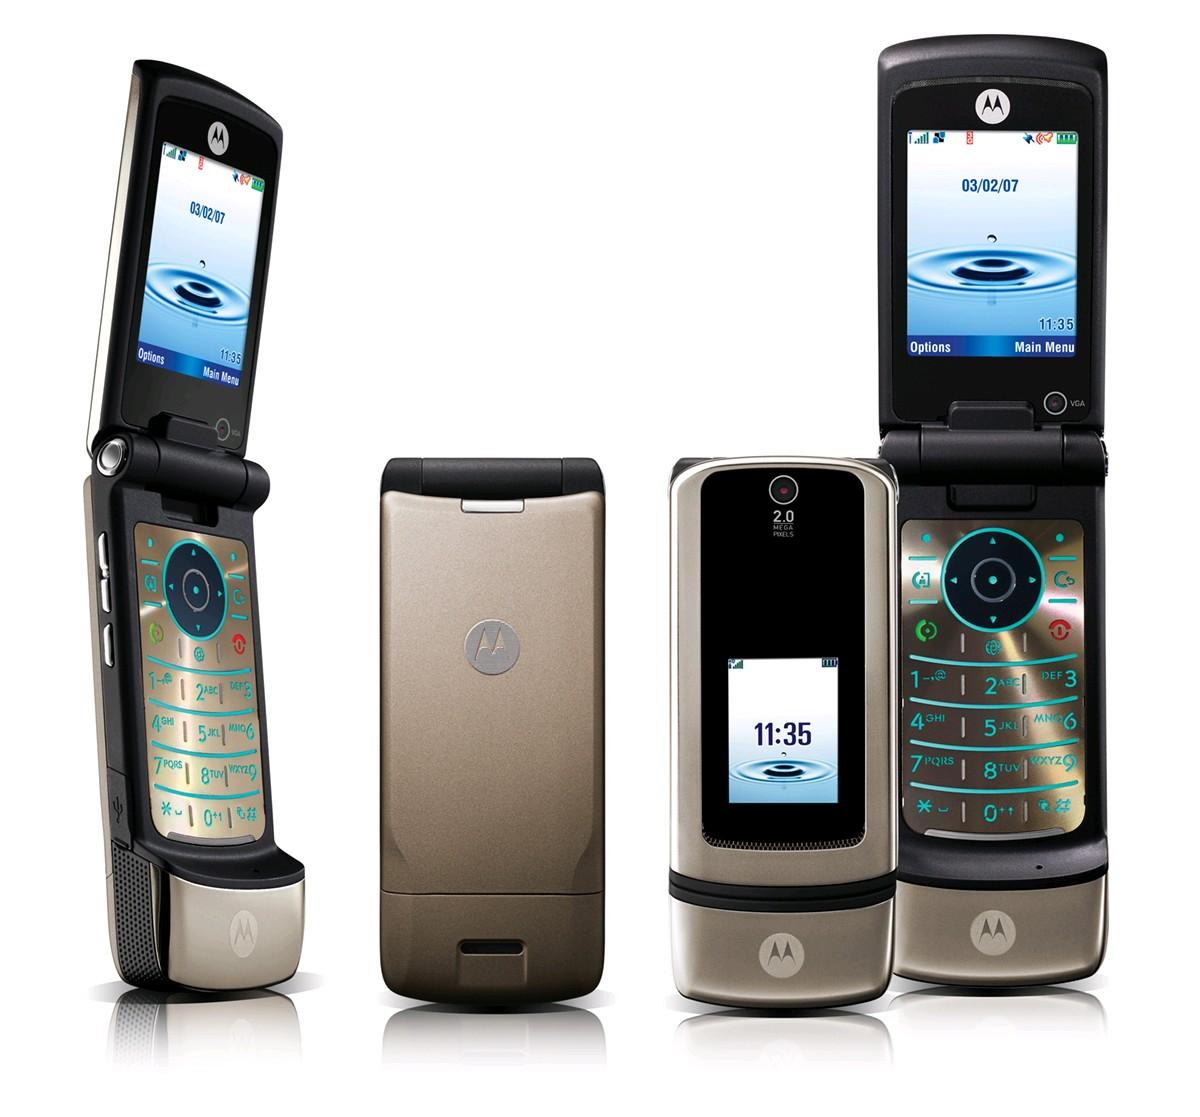 http://3.bp.blogspot.com/_l9asujiwkWg/TNDVF2U8bWI/AAAAAAAAAFg/5BGlxz3kOOY/s1600/krzr-motorola-cell-phones.jpg